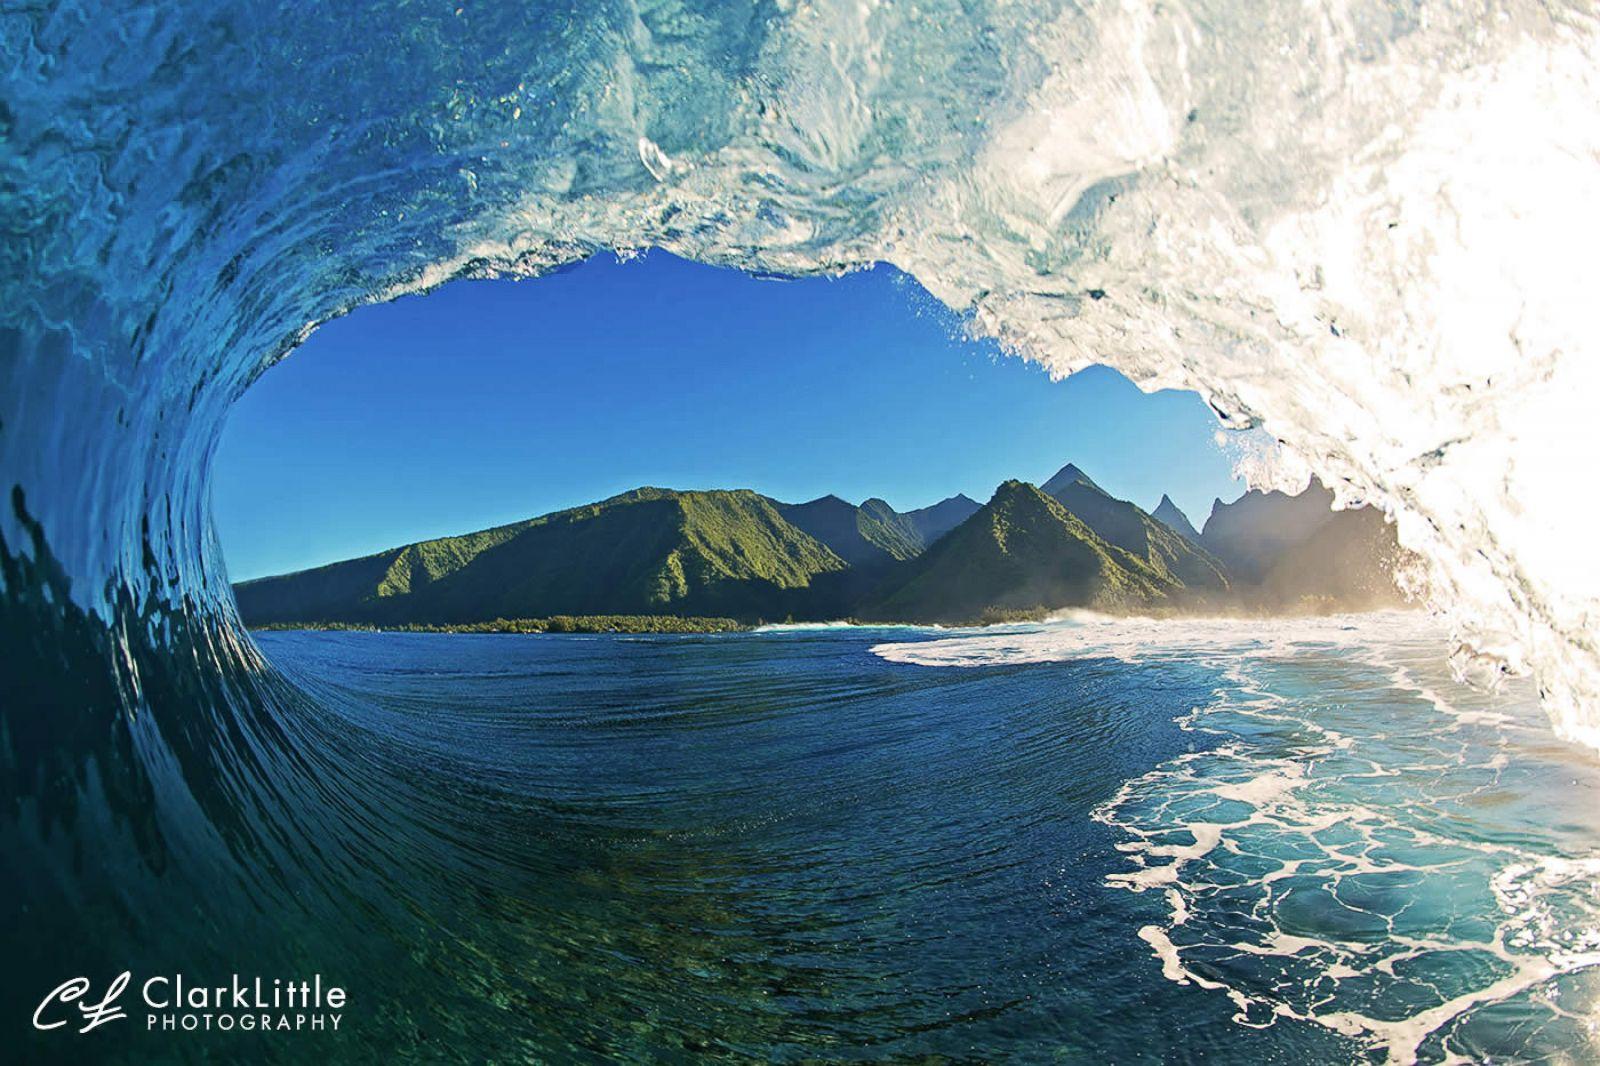 Ocean wave pictures hawaii Learn English Language School Hawaii ICC Hawaii